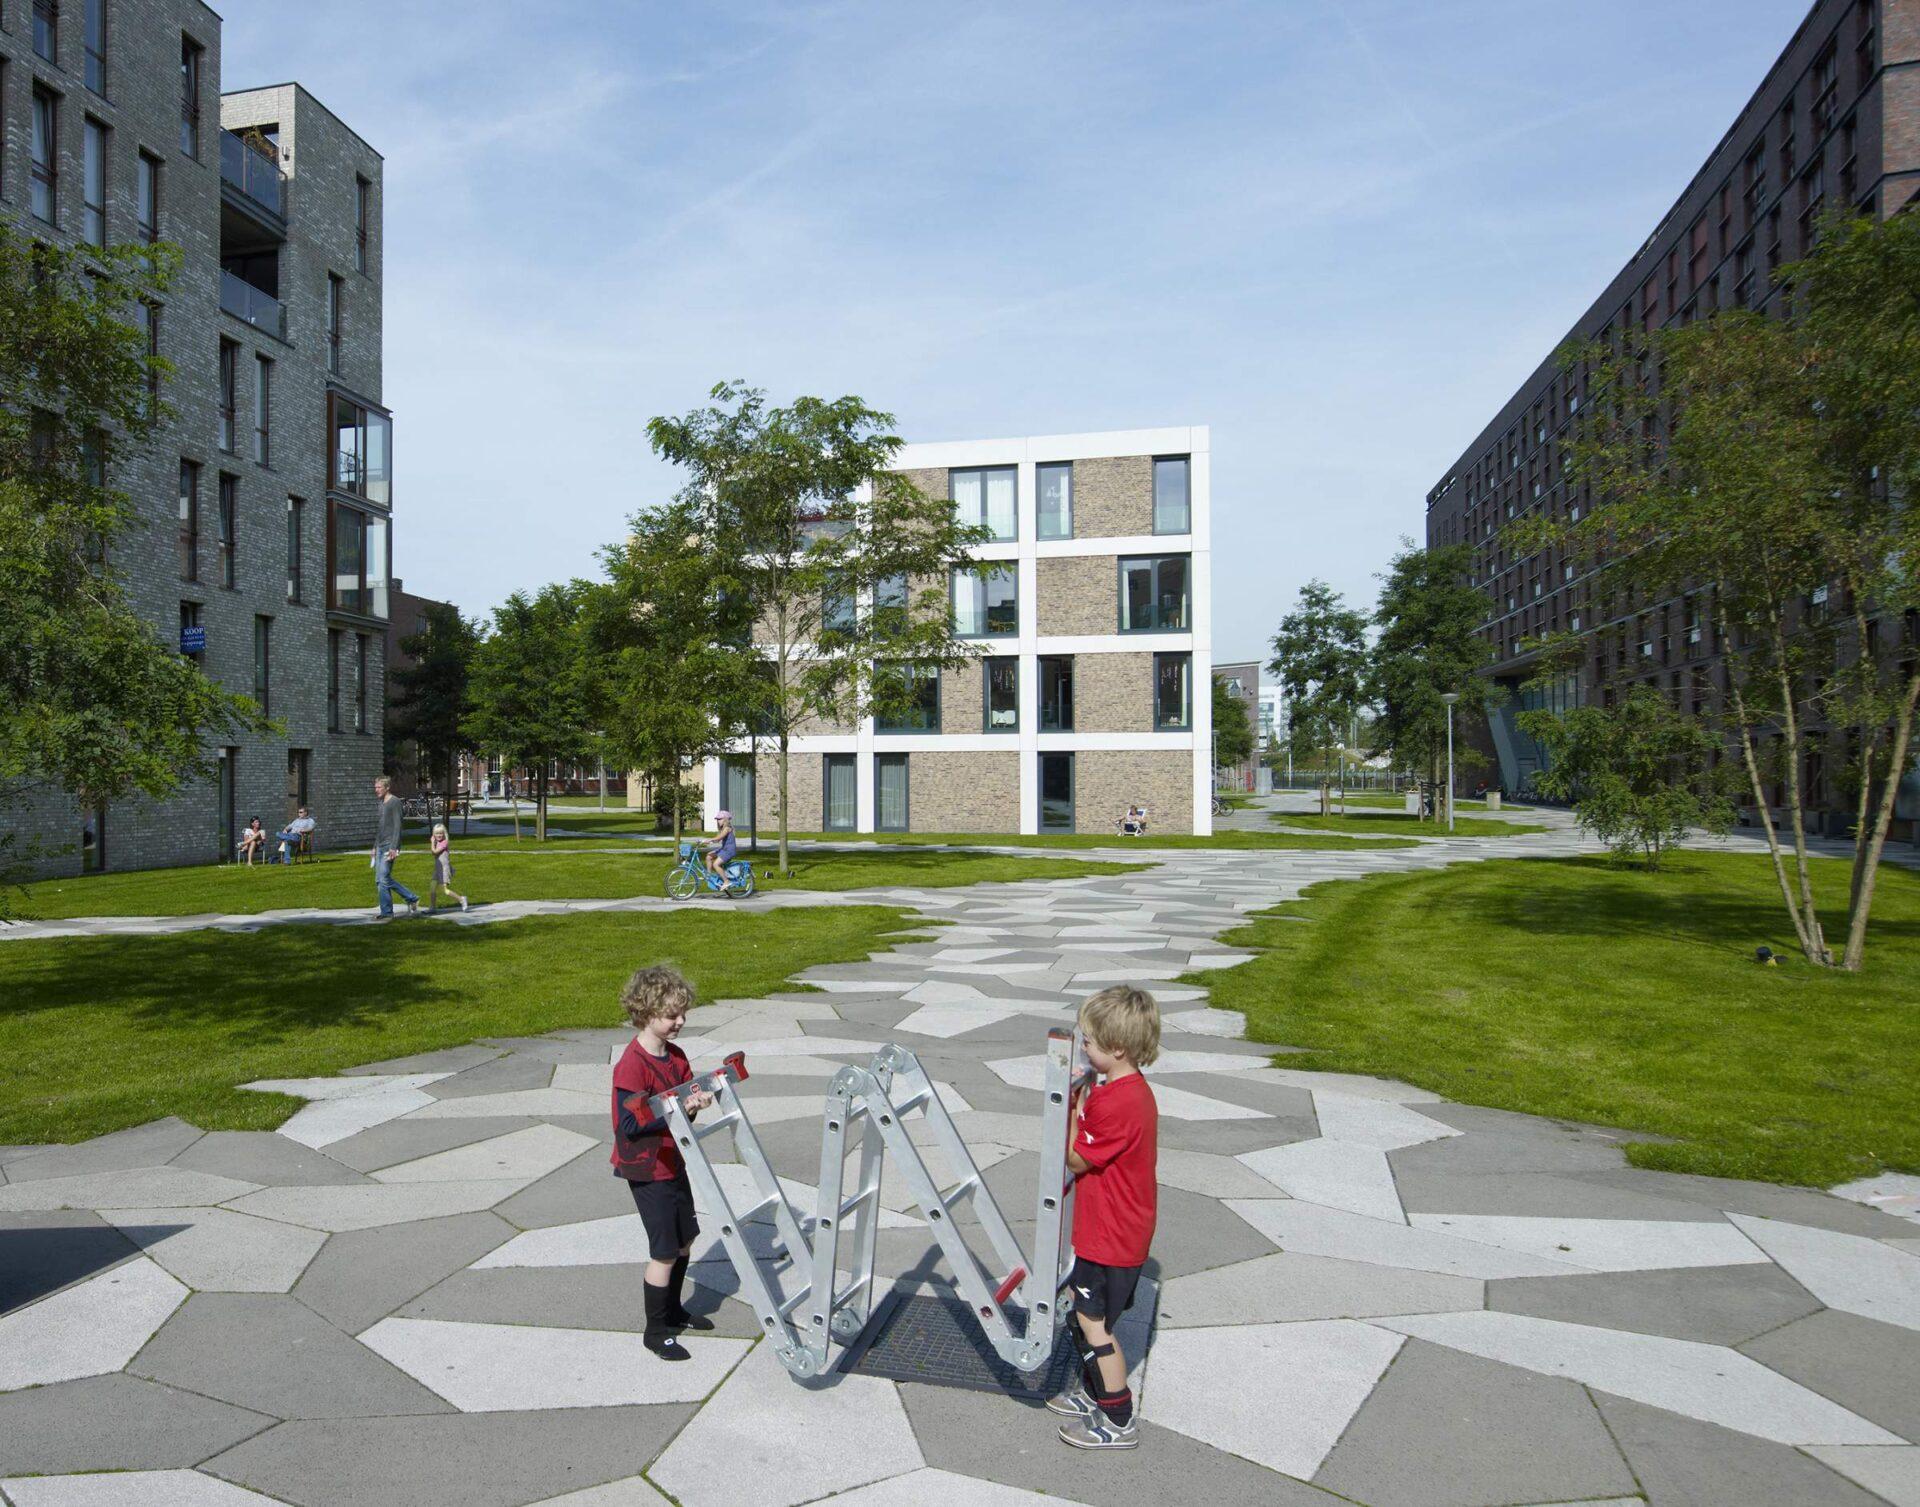 LANDLAB FUNEN kids plays_photo by Jeroen Musch